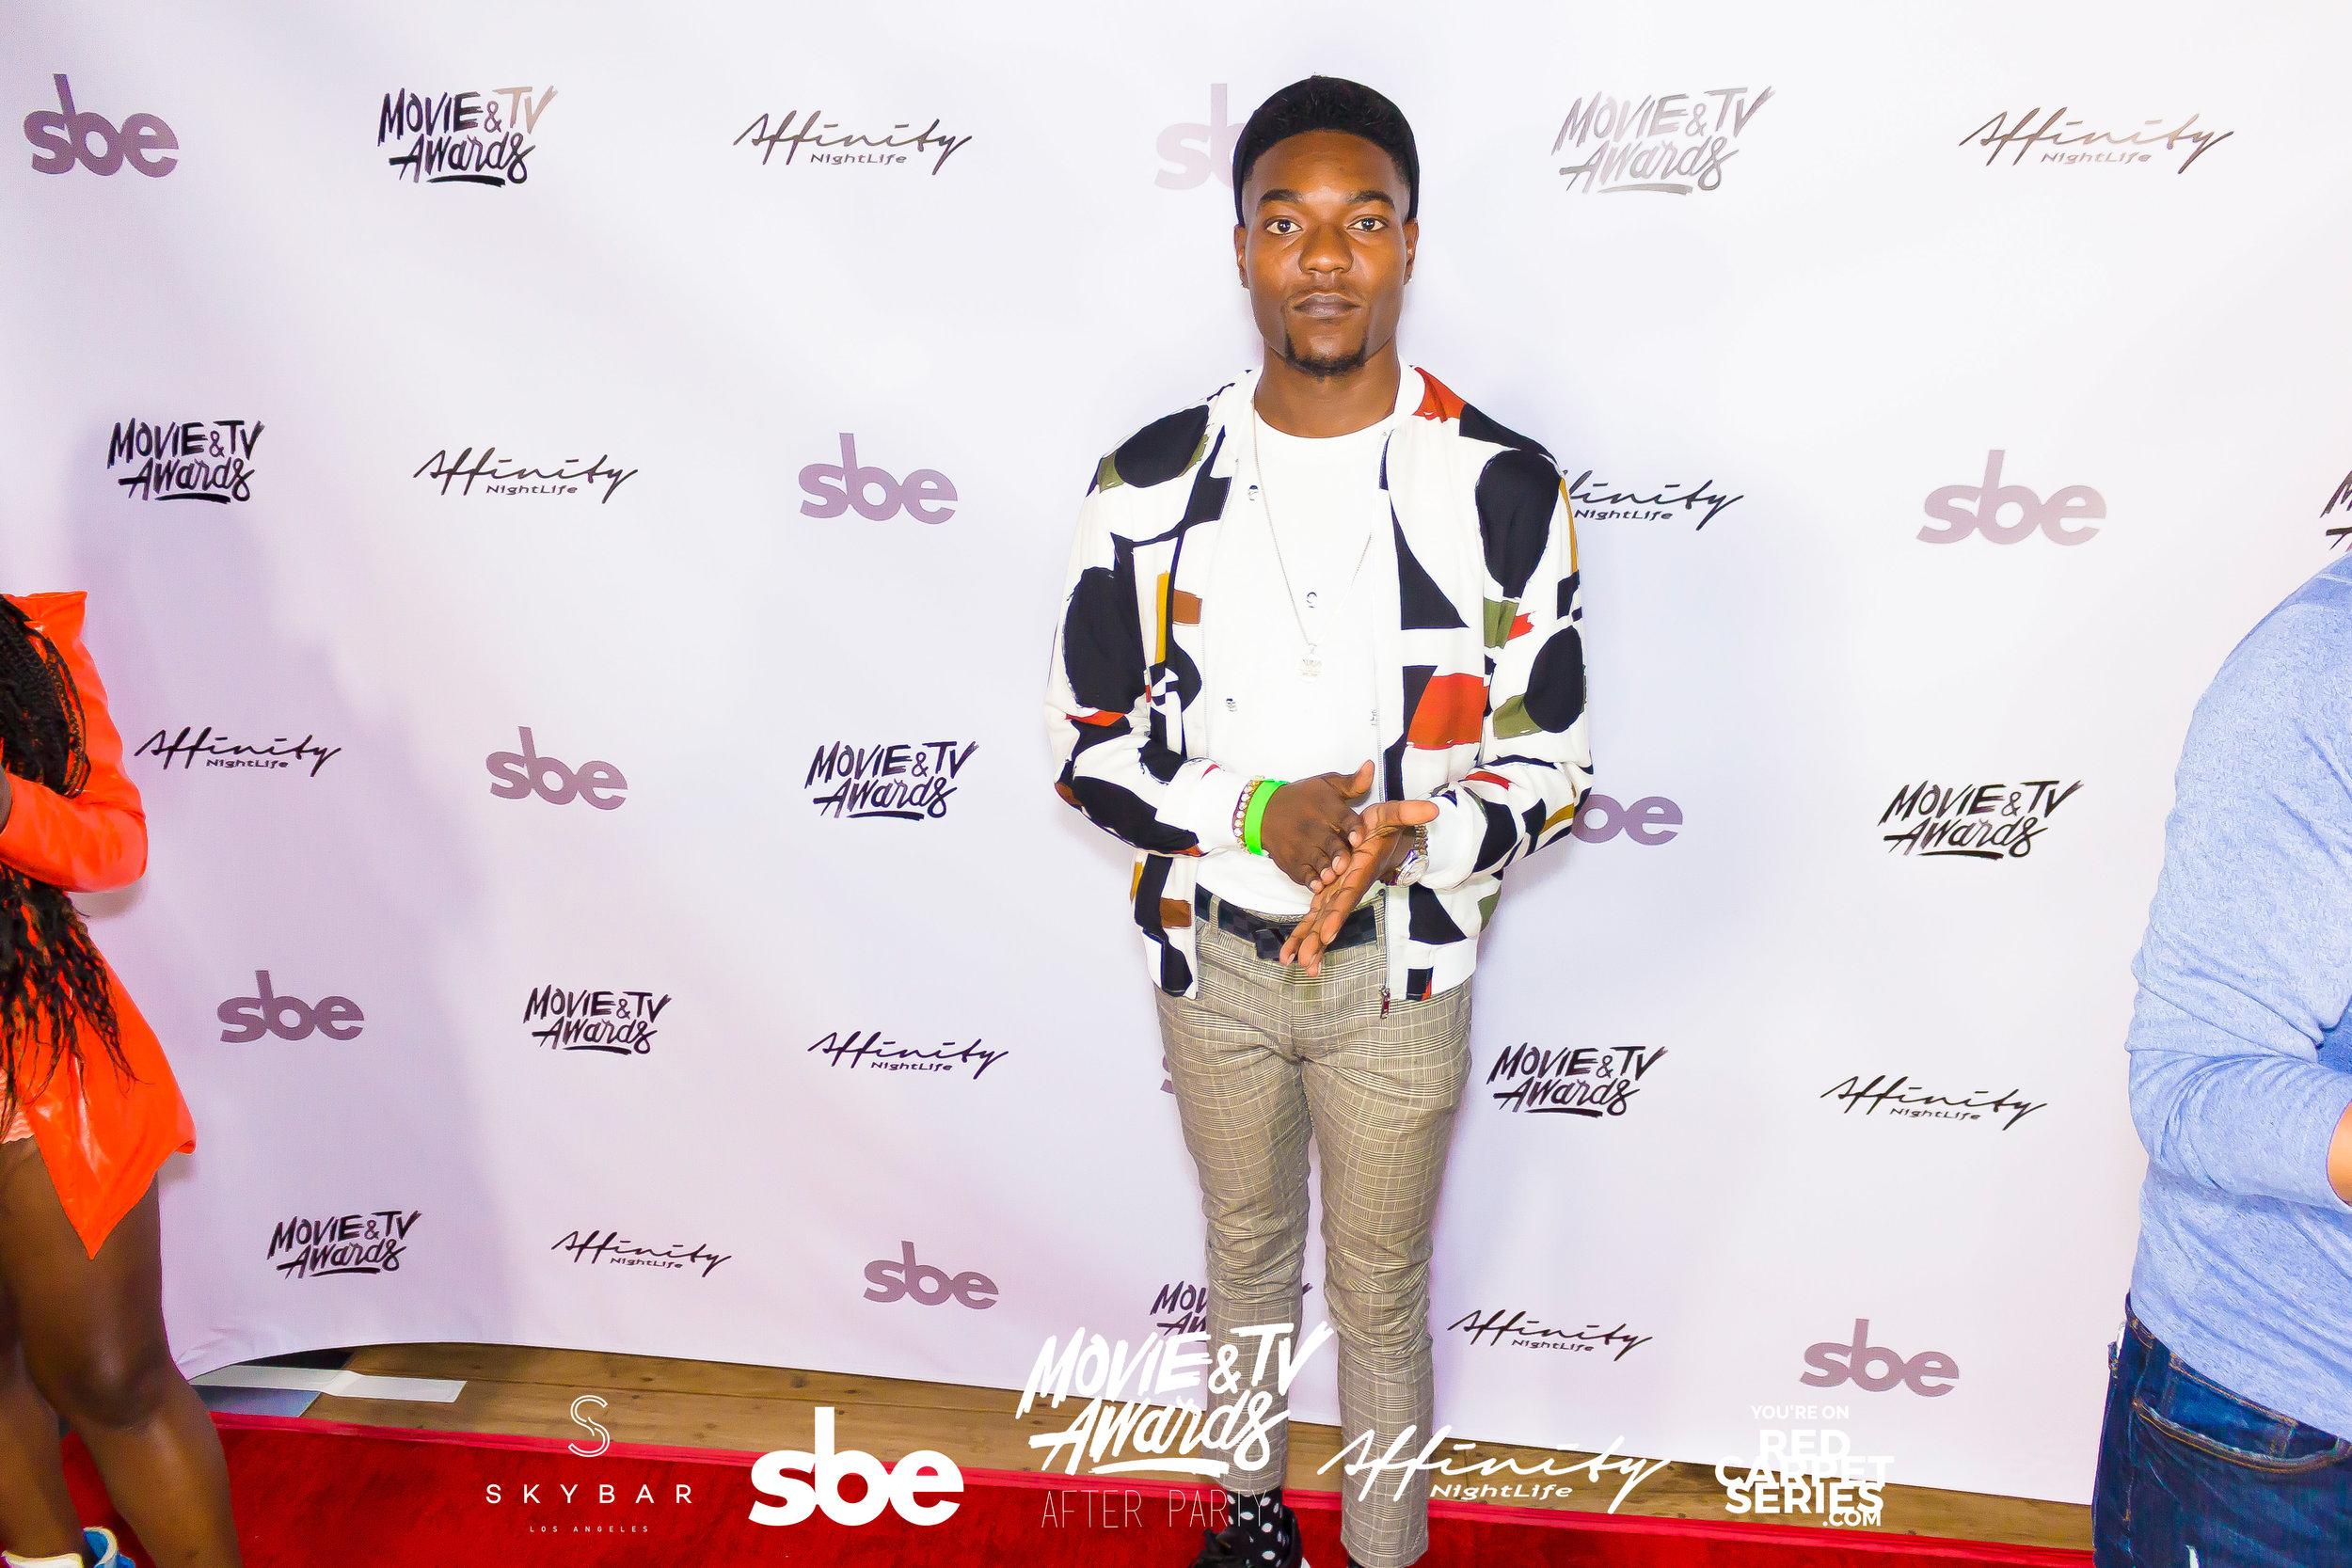 Affinity Nightlife MTV Movie & TV Awards After Party - Skybar at Mondrian - 06-15-19 - Vol. 1_49.jpg